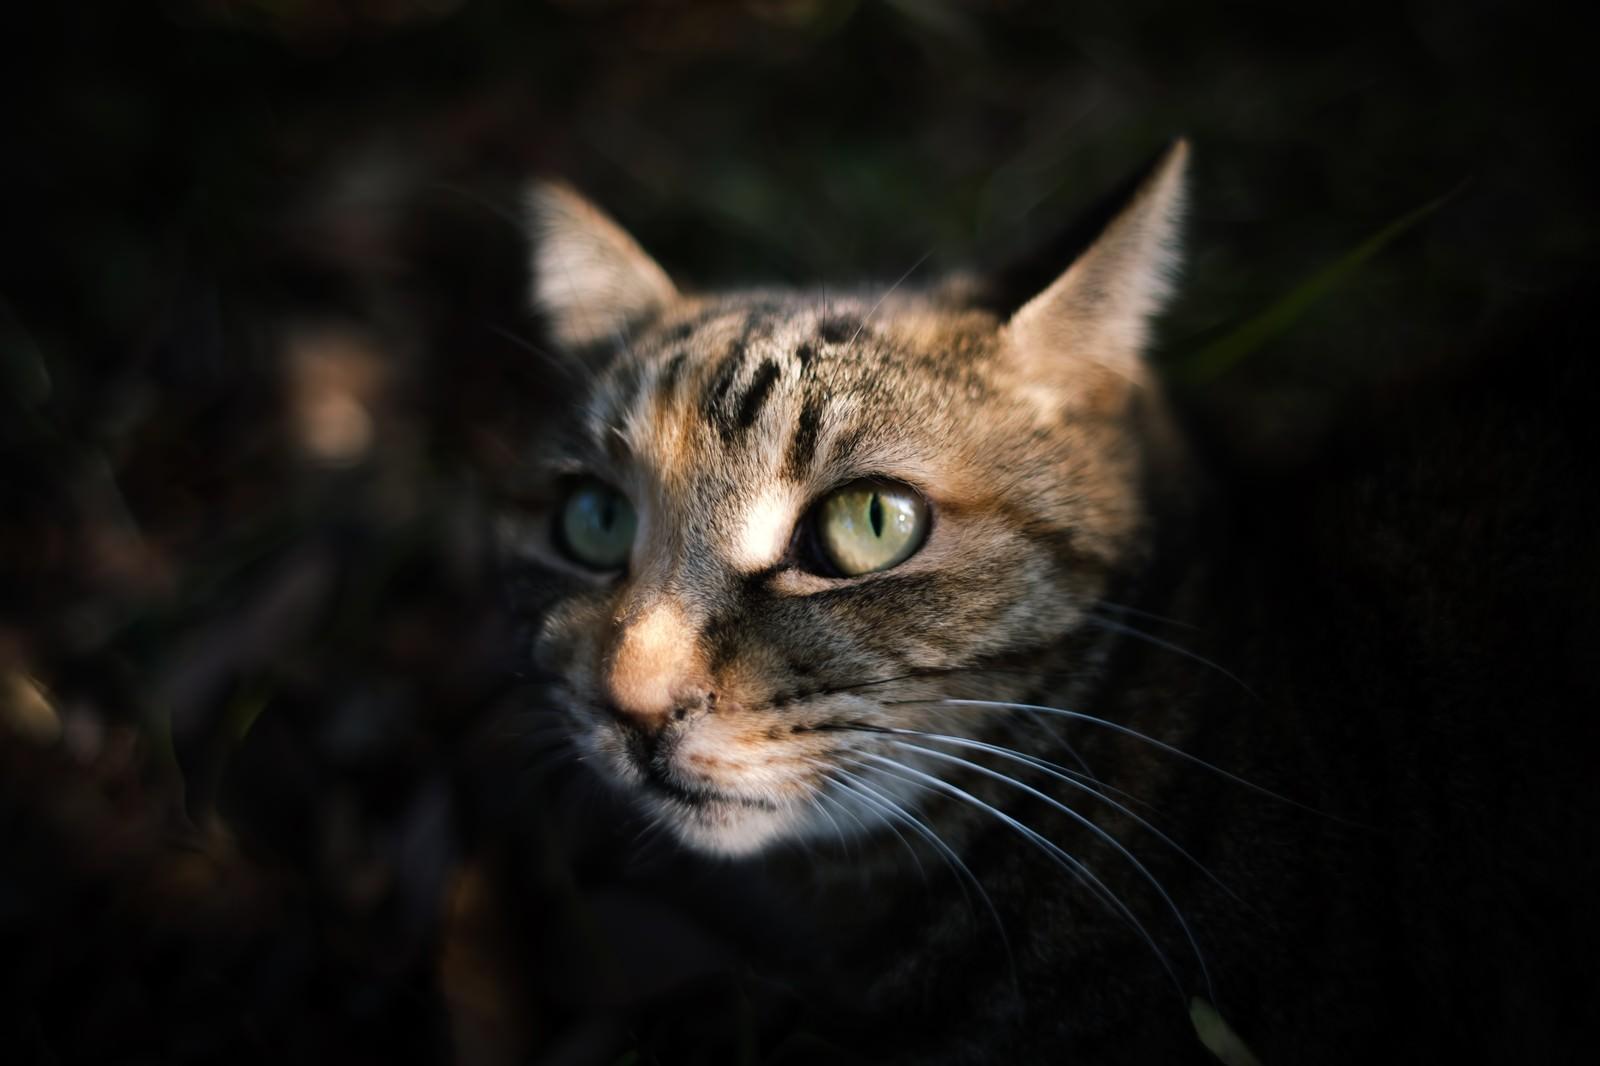 「暗闇から顔を出す猫」の写真